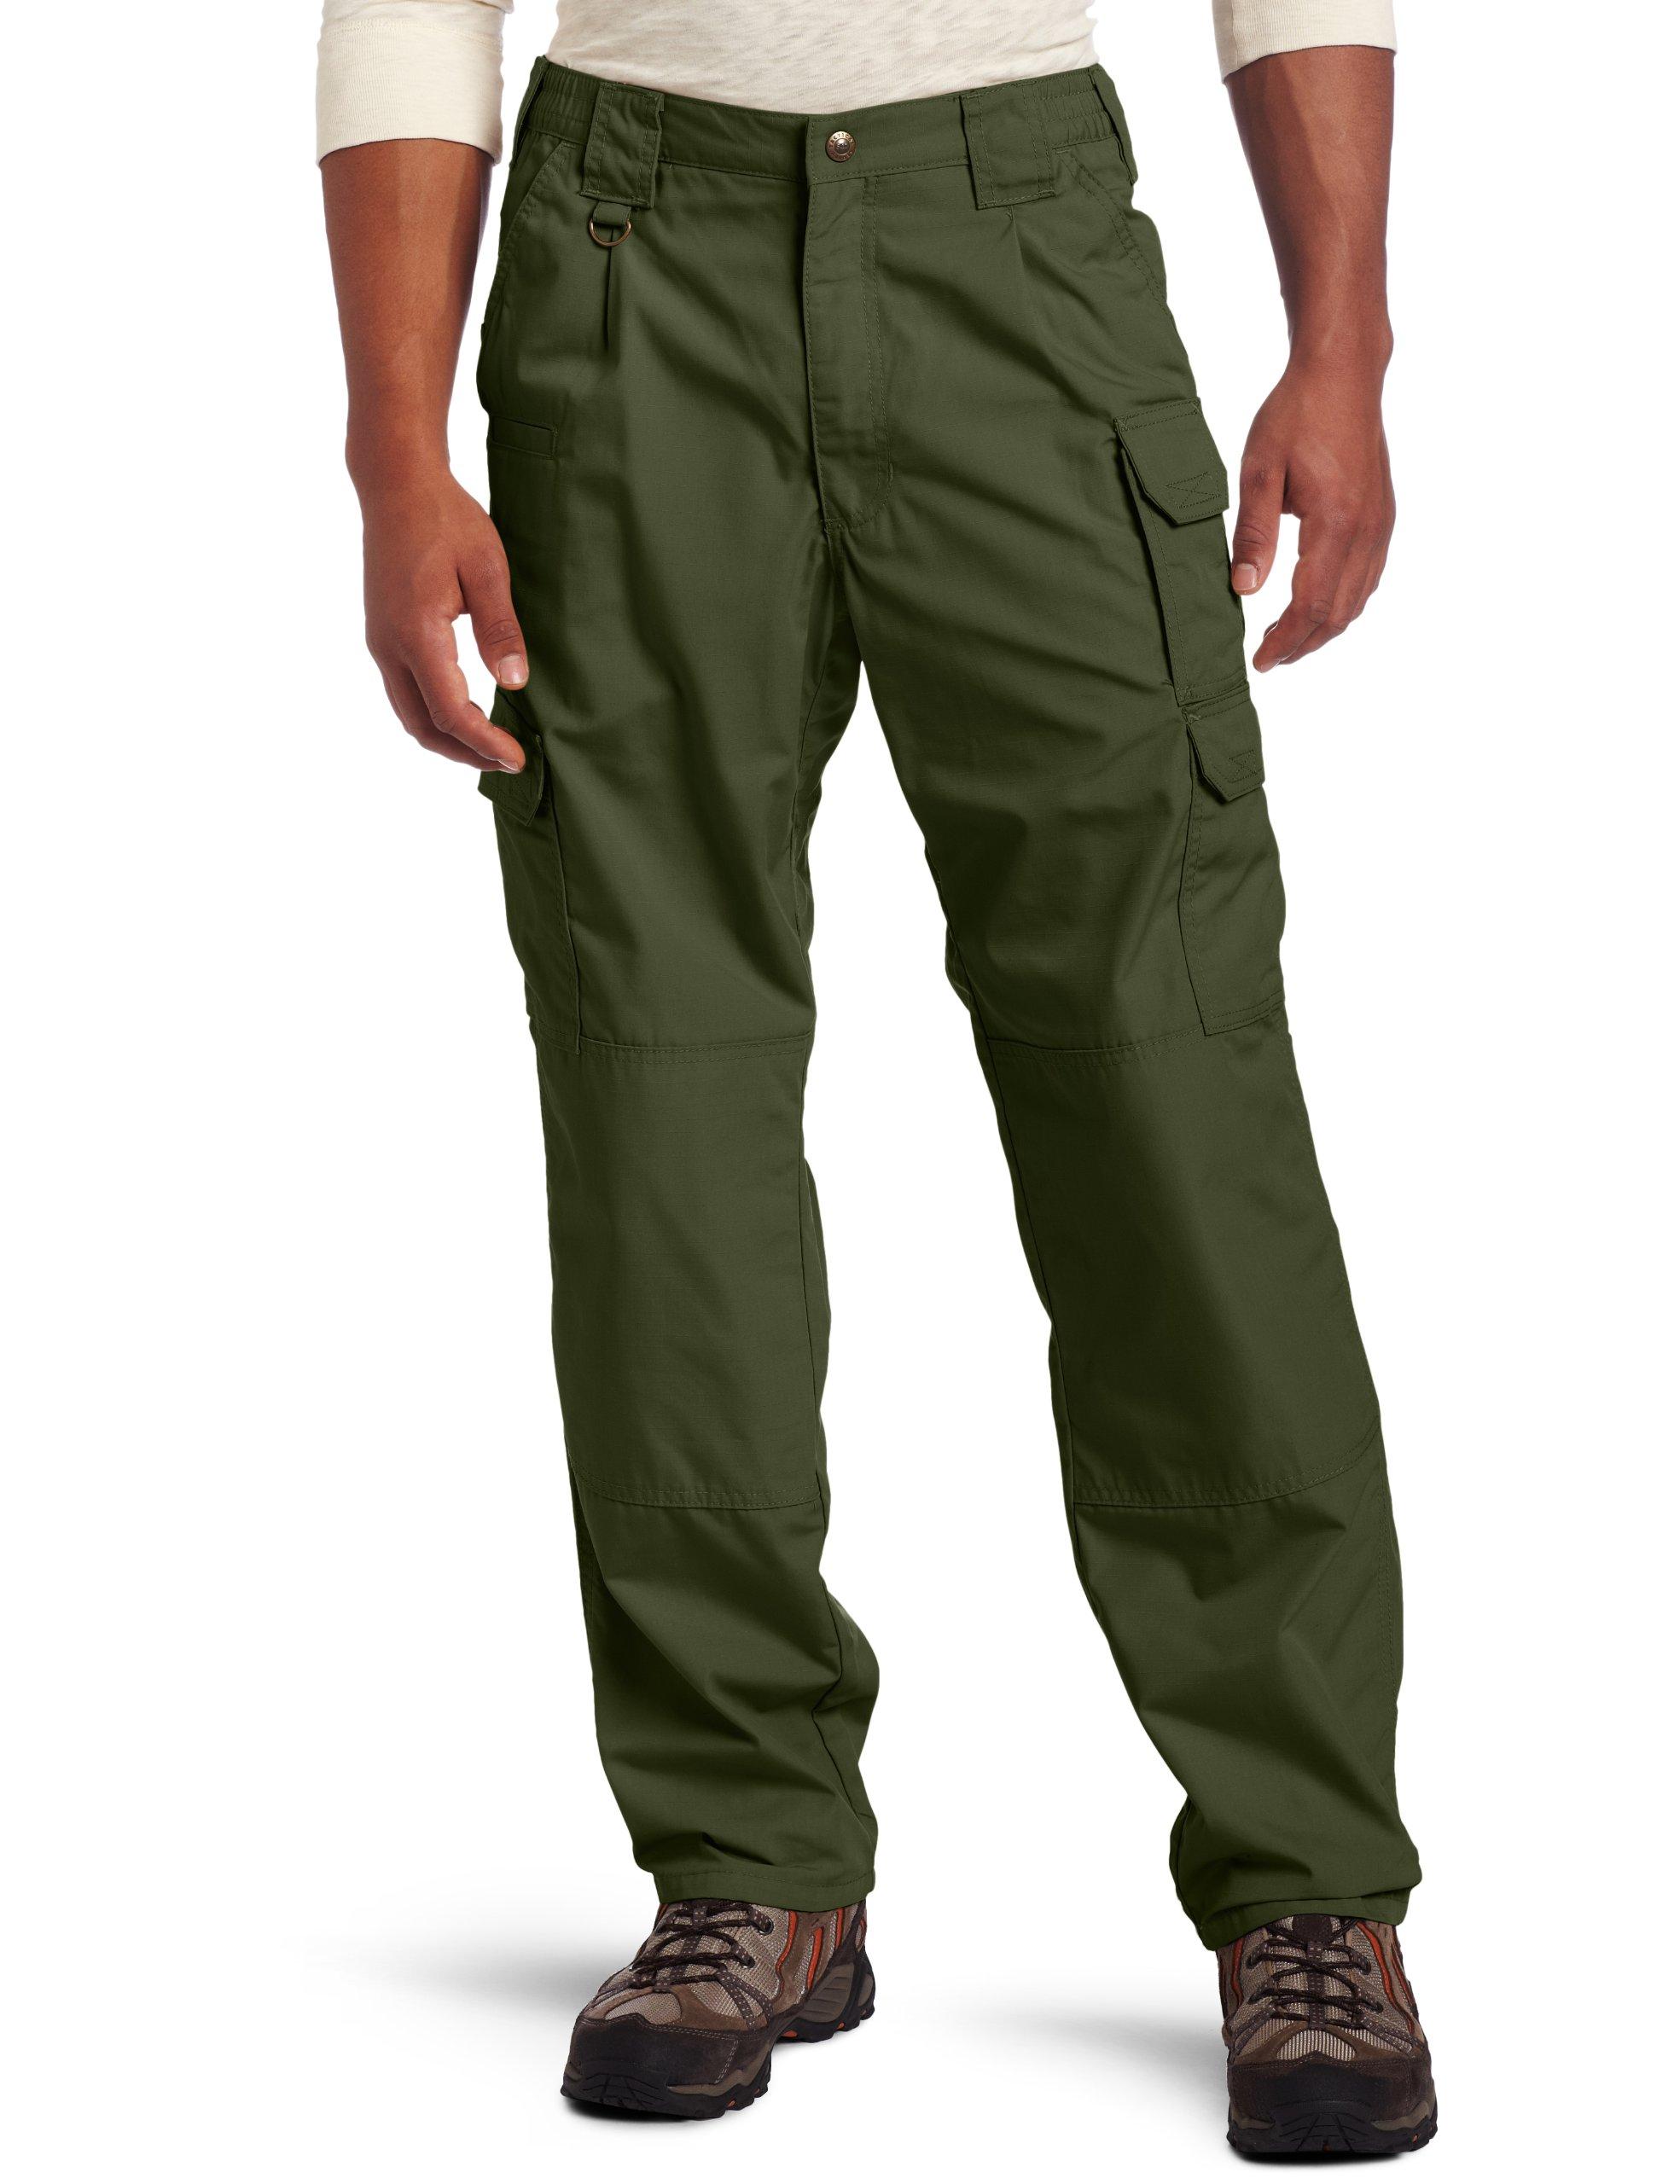 5.11 Men's TACLITE Pro Tactical Pants, Style 74273, TDU Green, 34Wx36L